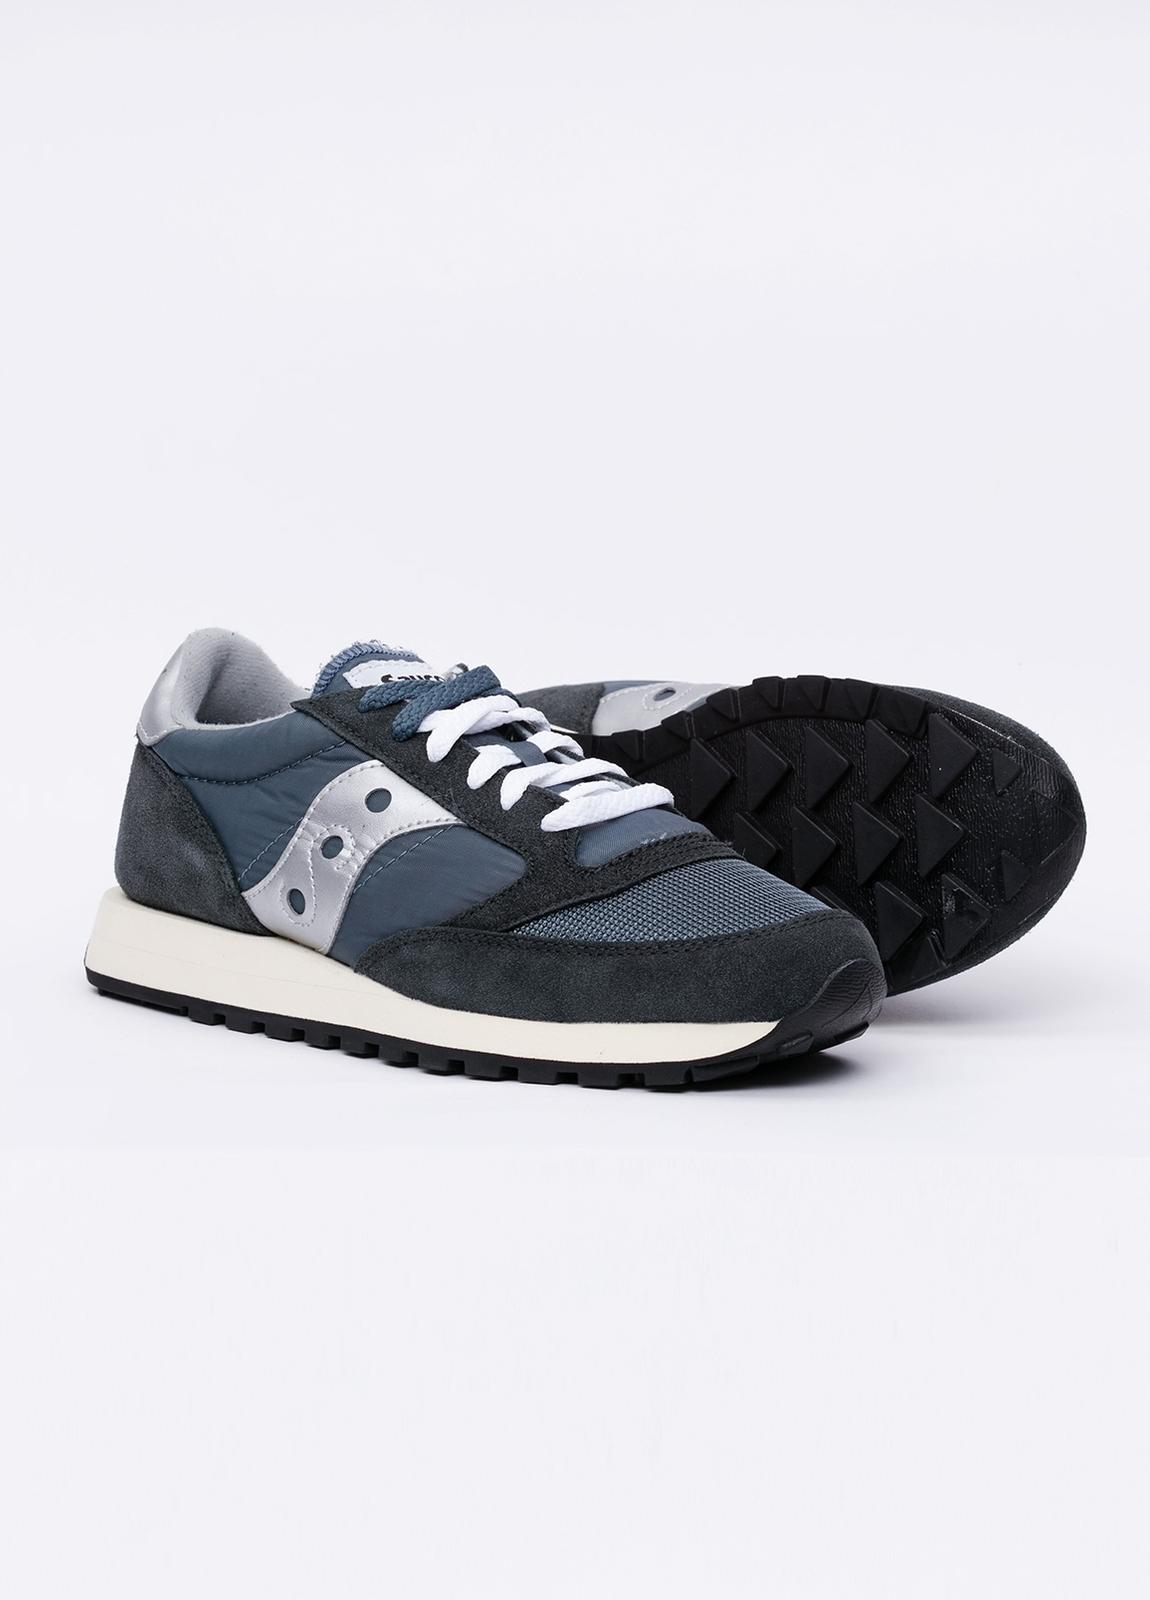 Calzado sport JAZZ OR VINT color azul con detalles blancos, combinación de serraje y tejido técnico. - Ítem2